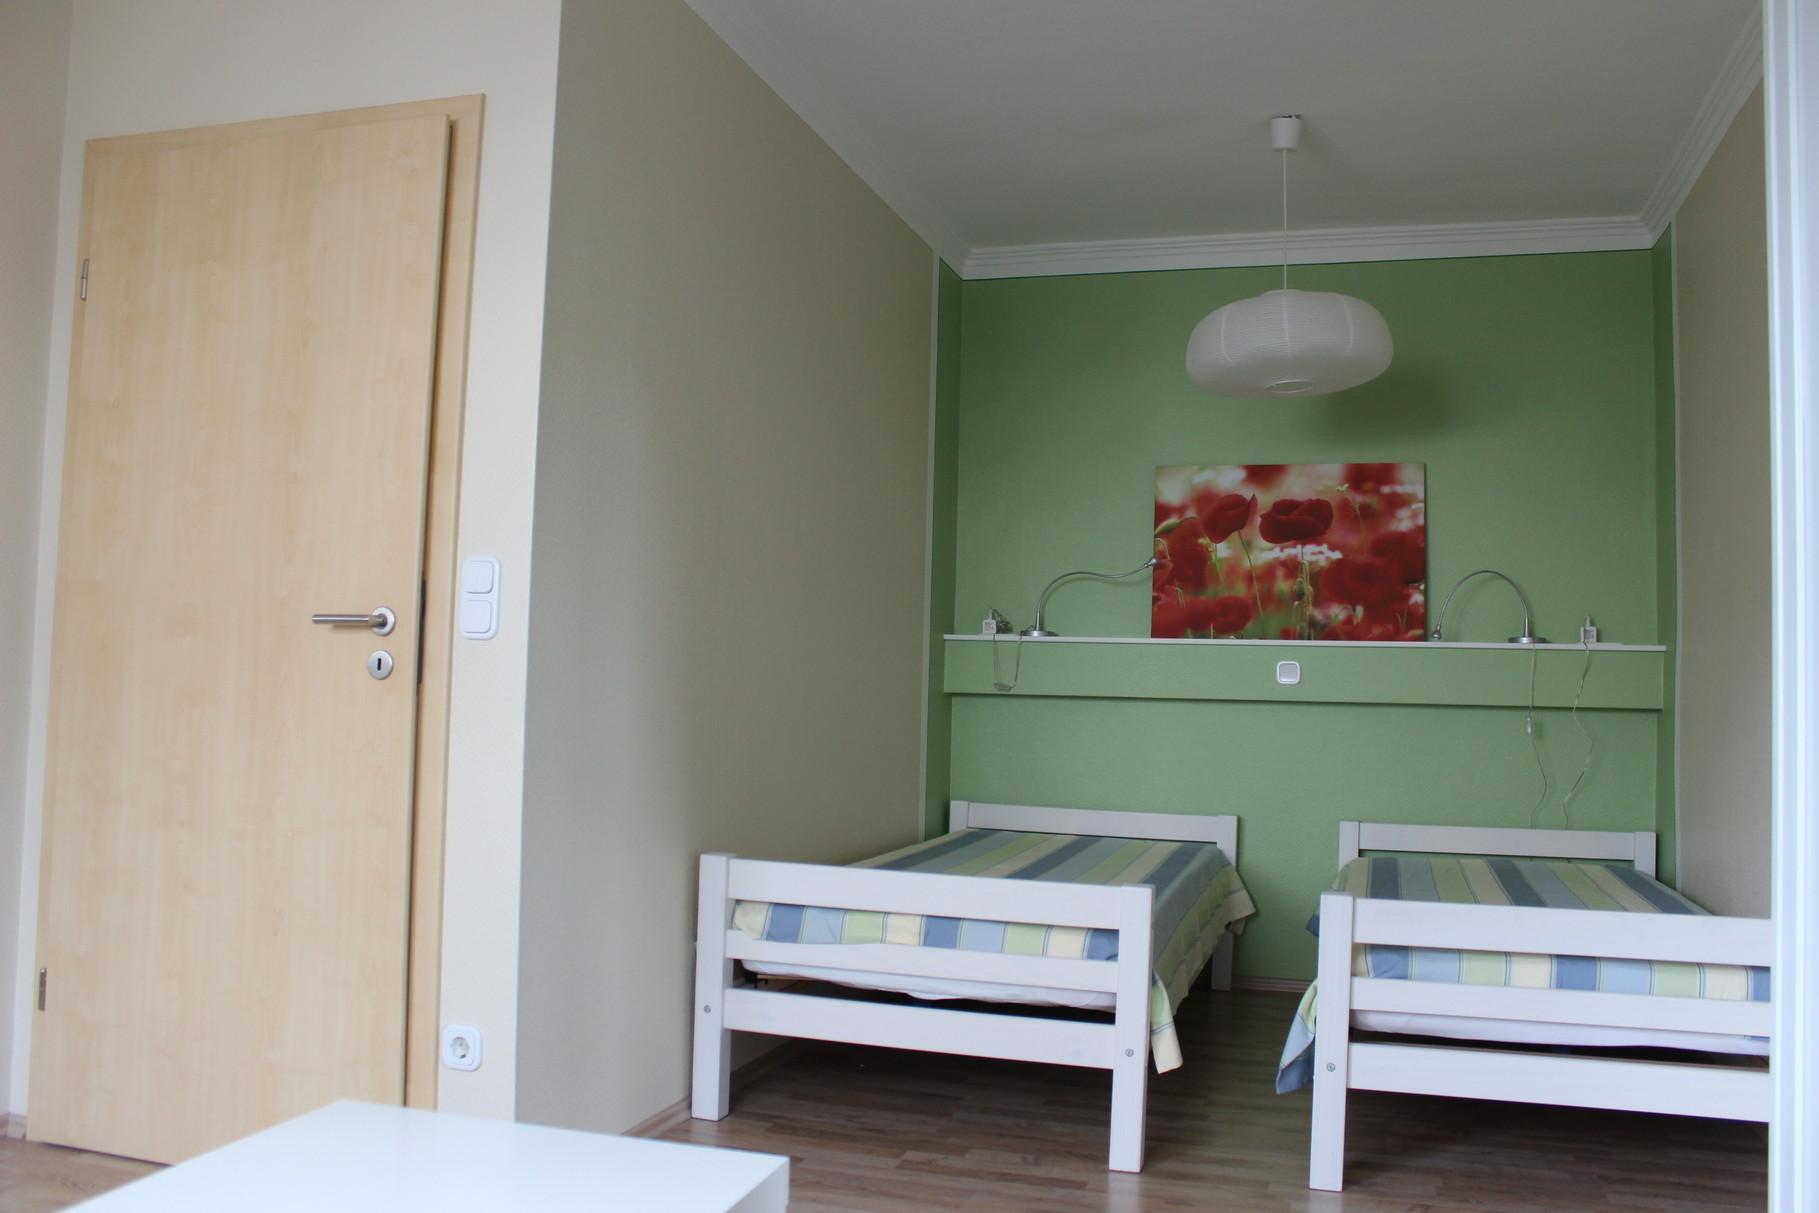 kleines Schlafzimmer mit zwei getrennten Betten